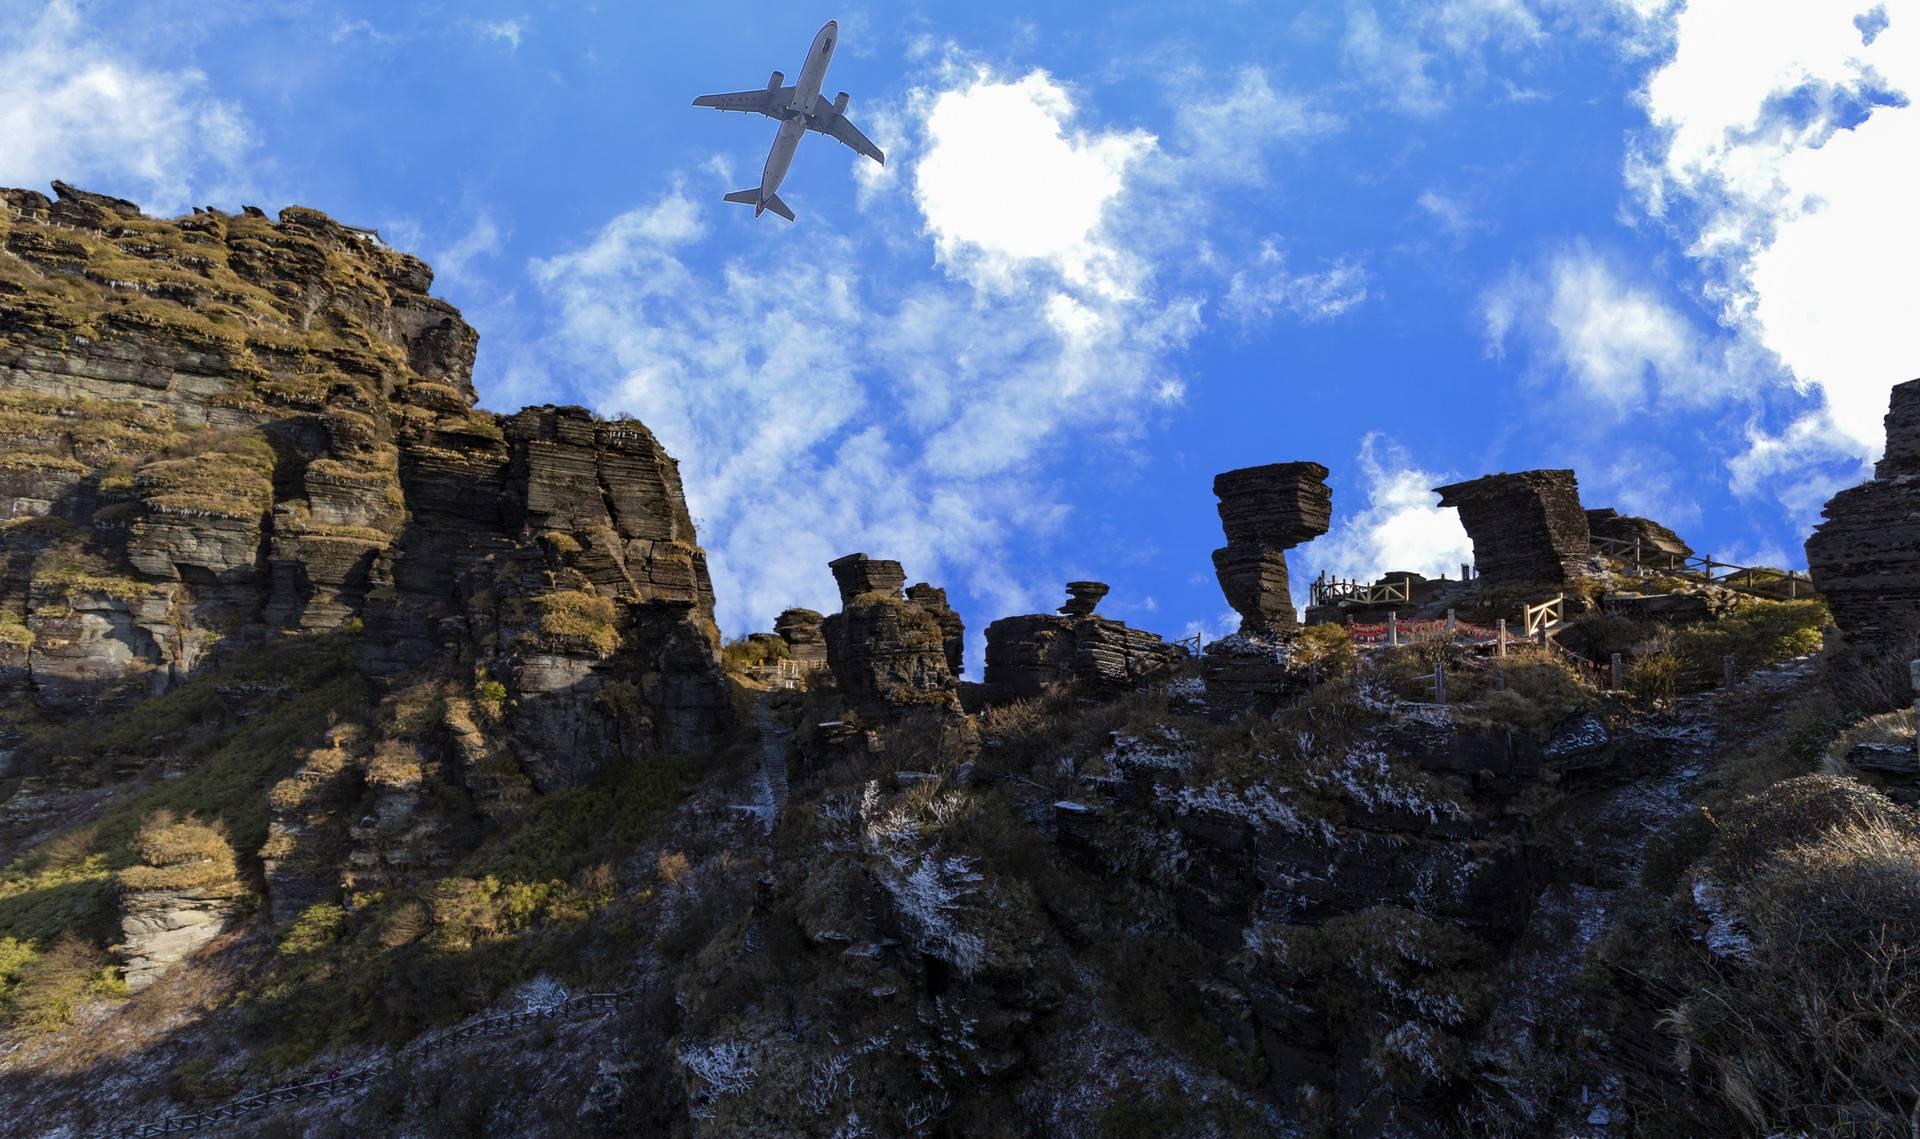 最高50万元!贵州出台入境旅游奖励办法